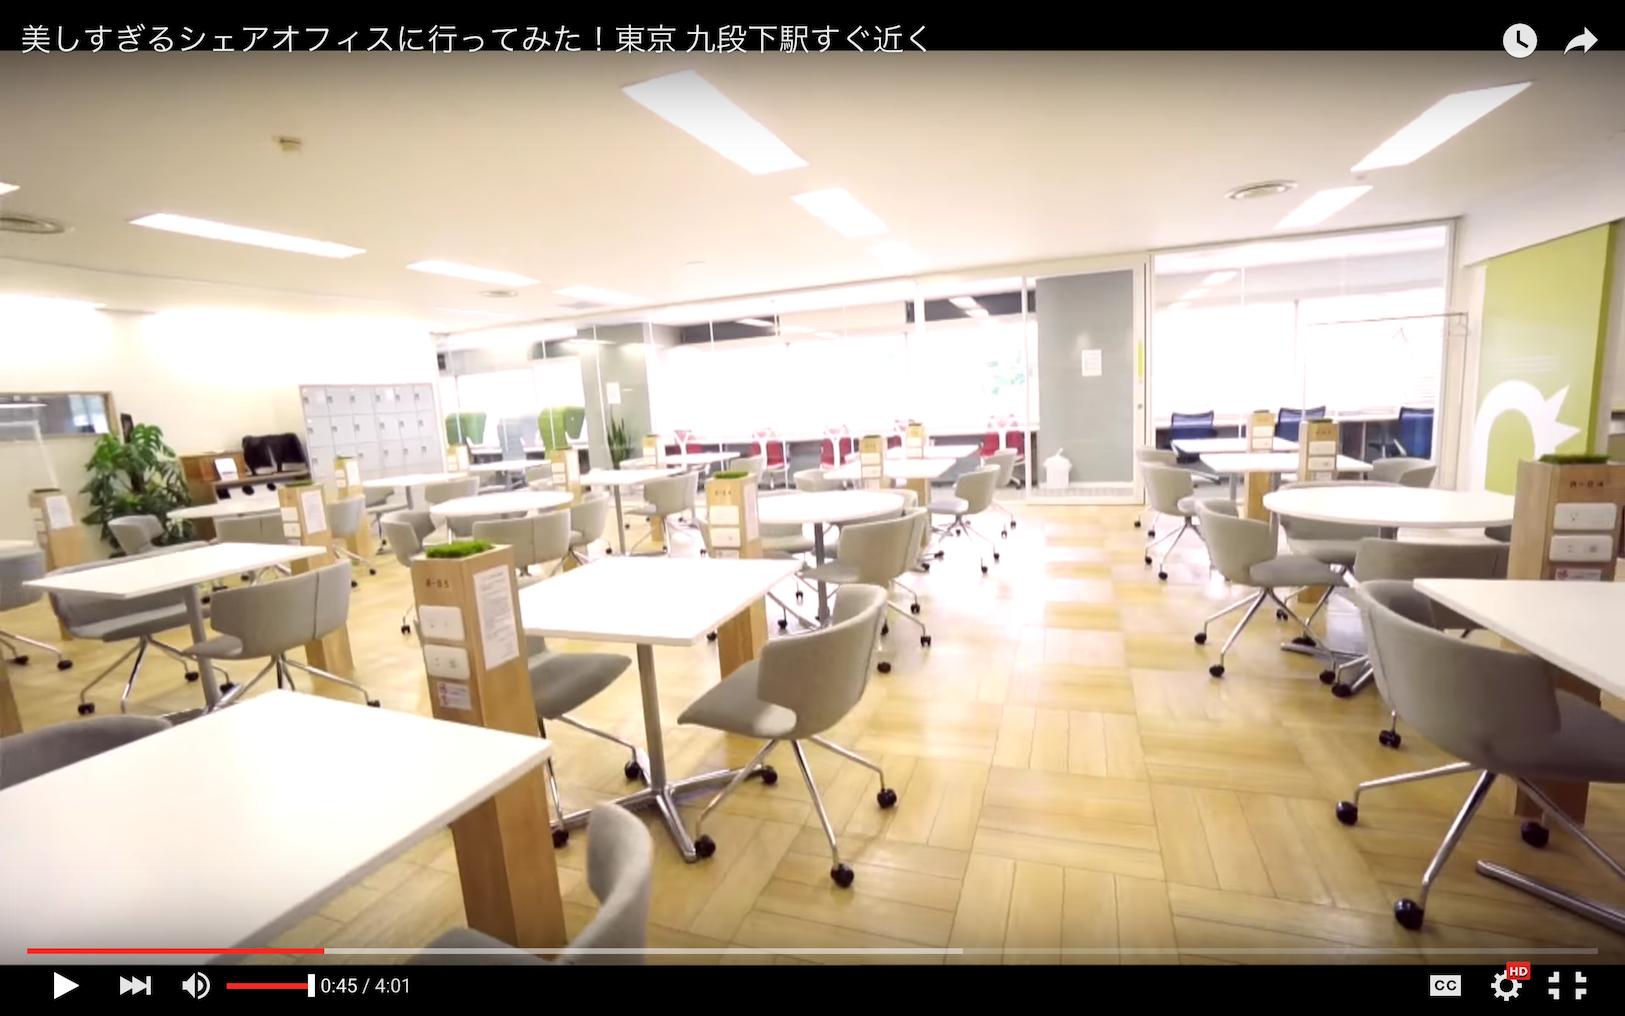 まるでカフェ?!みんなが集まるシェアオフィスのコラボレーションエリア